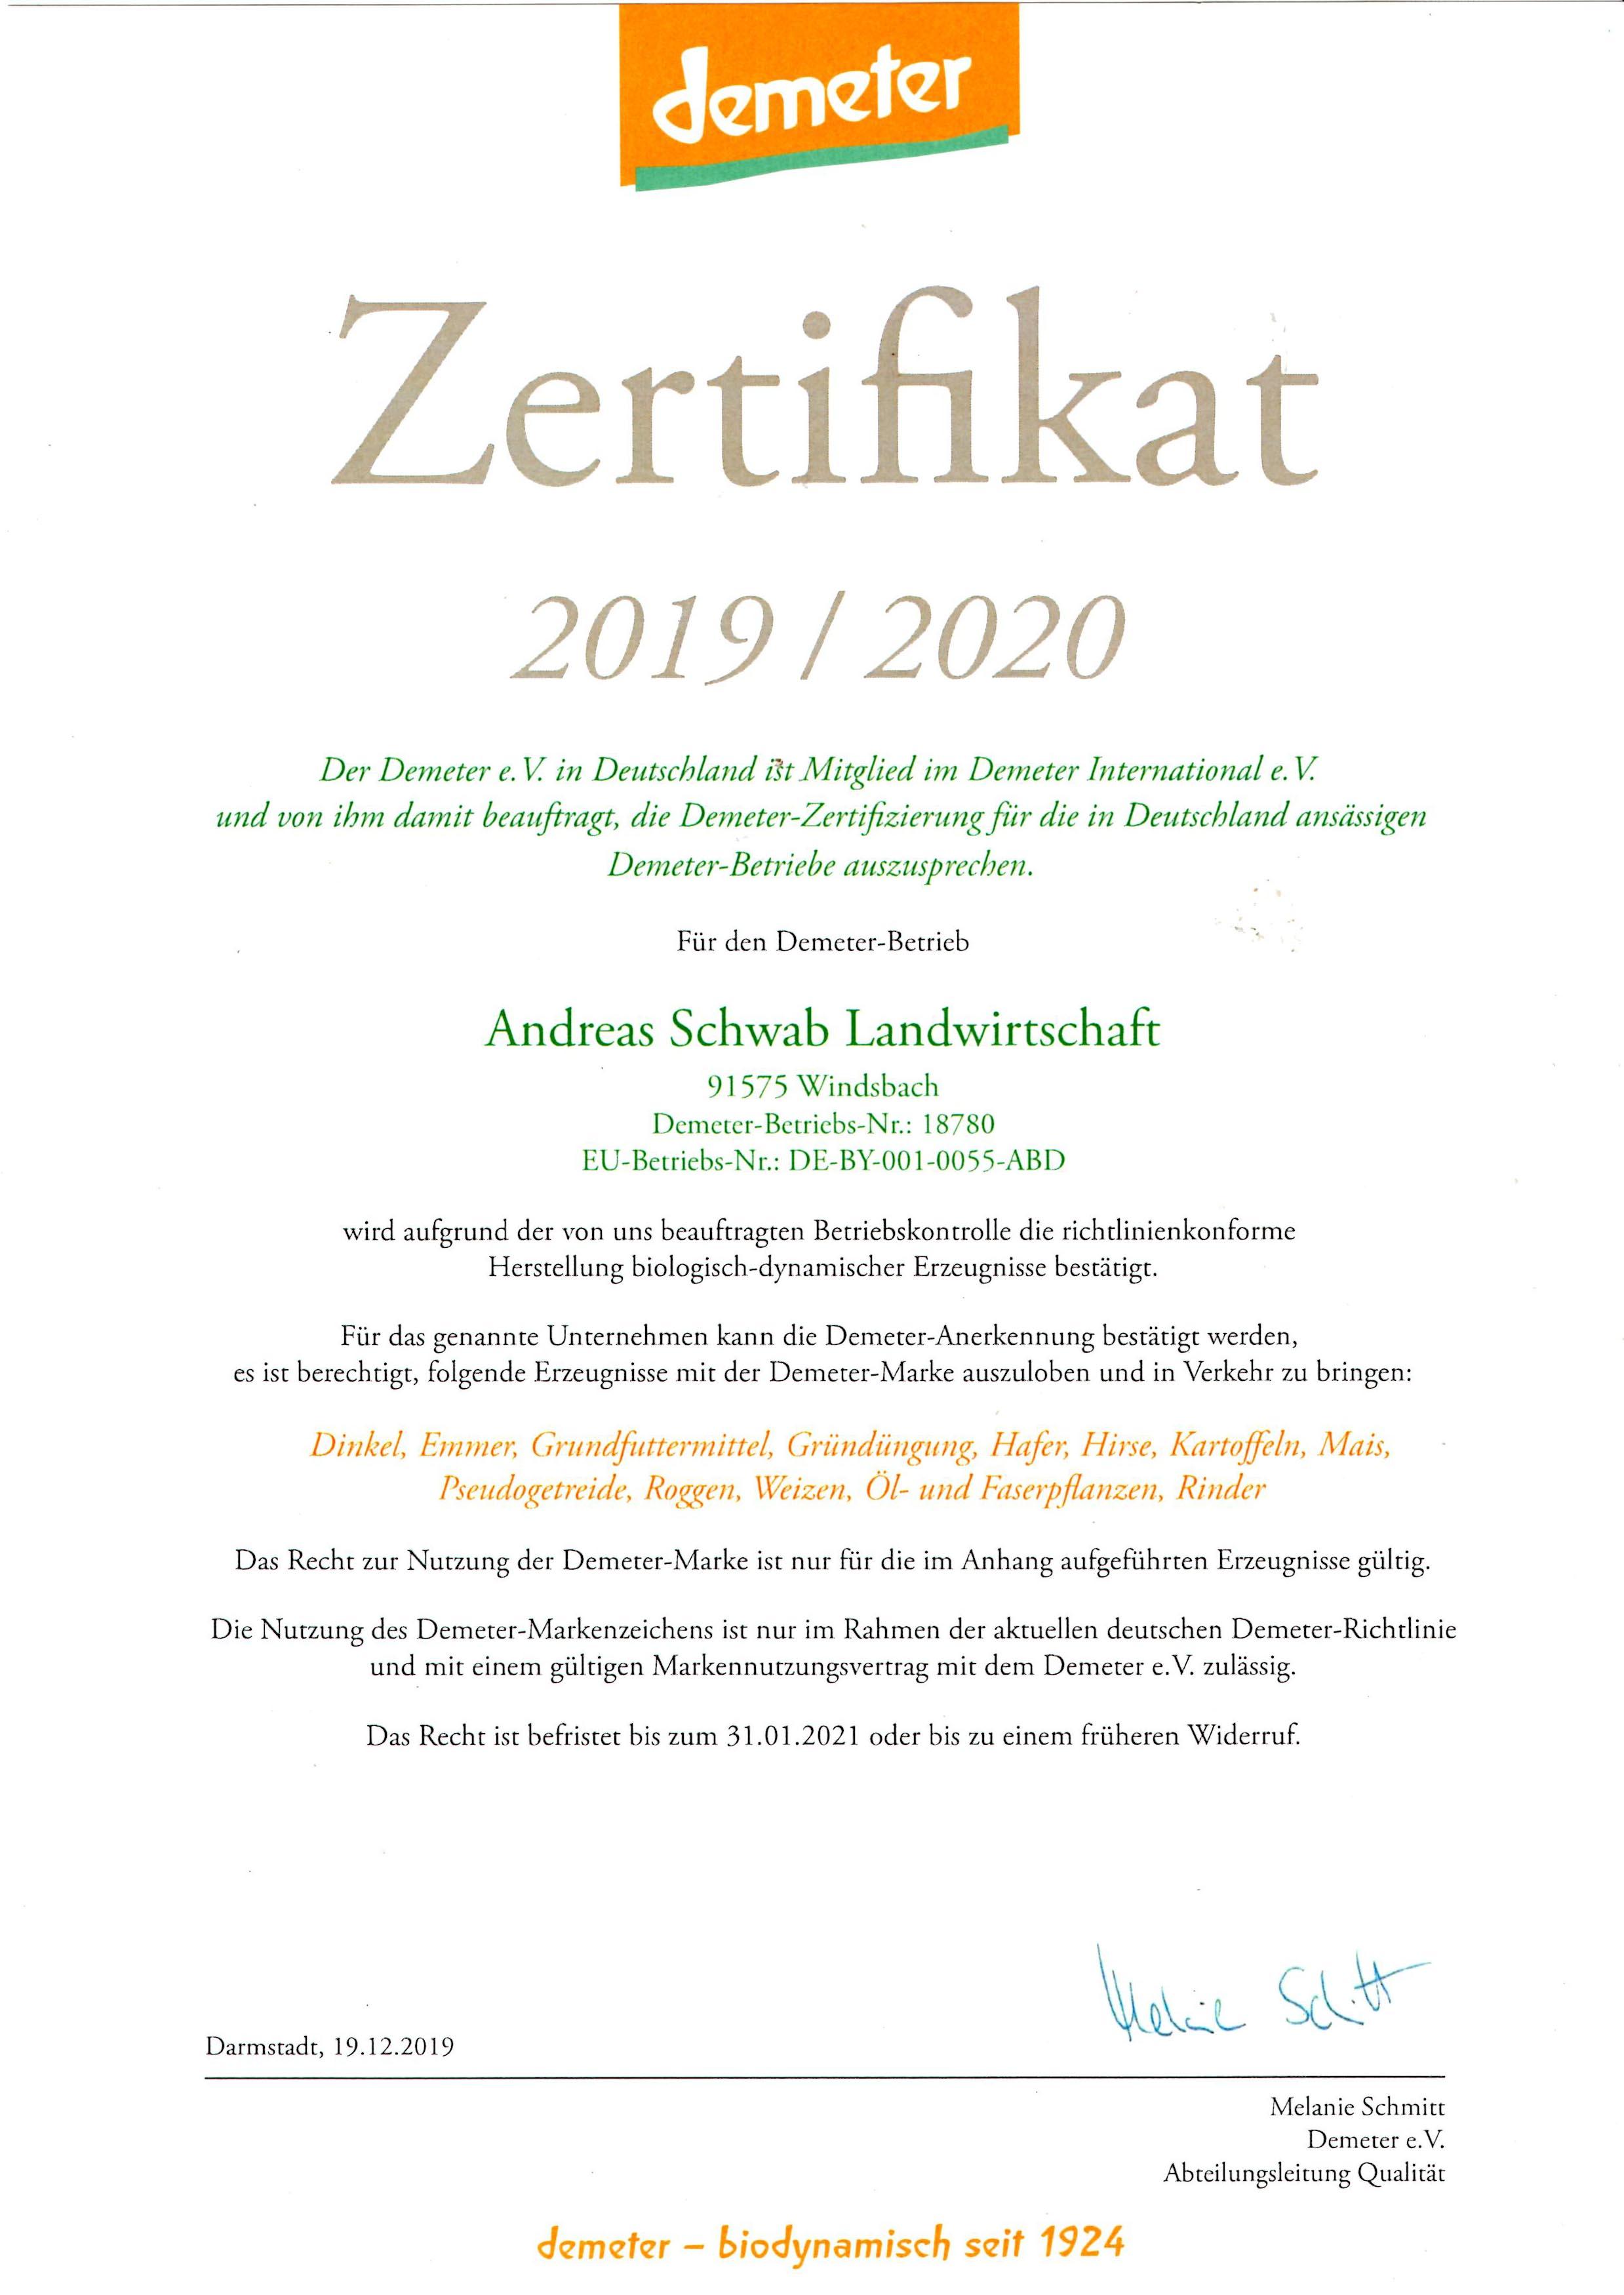 demeterhof_landwirtschaft_zertifikat